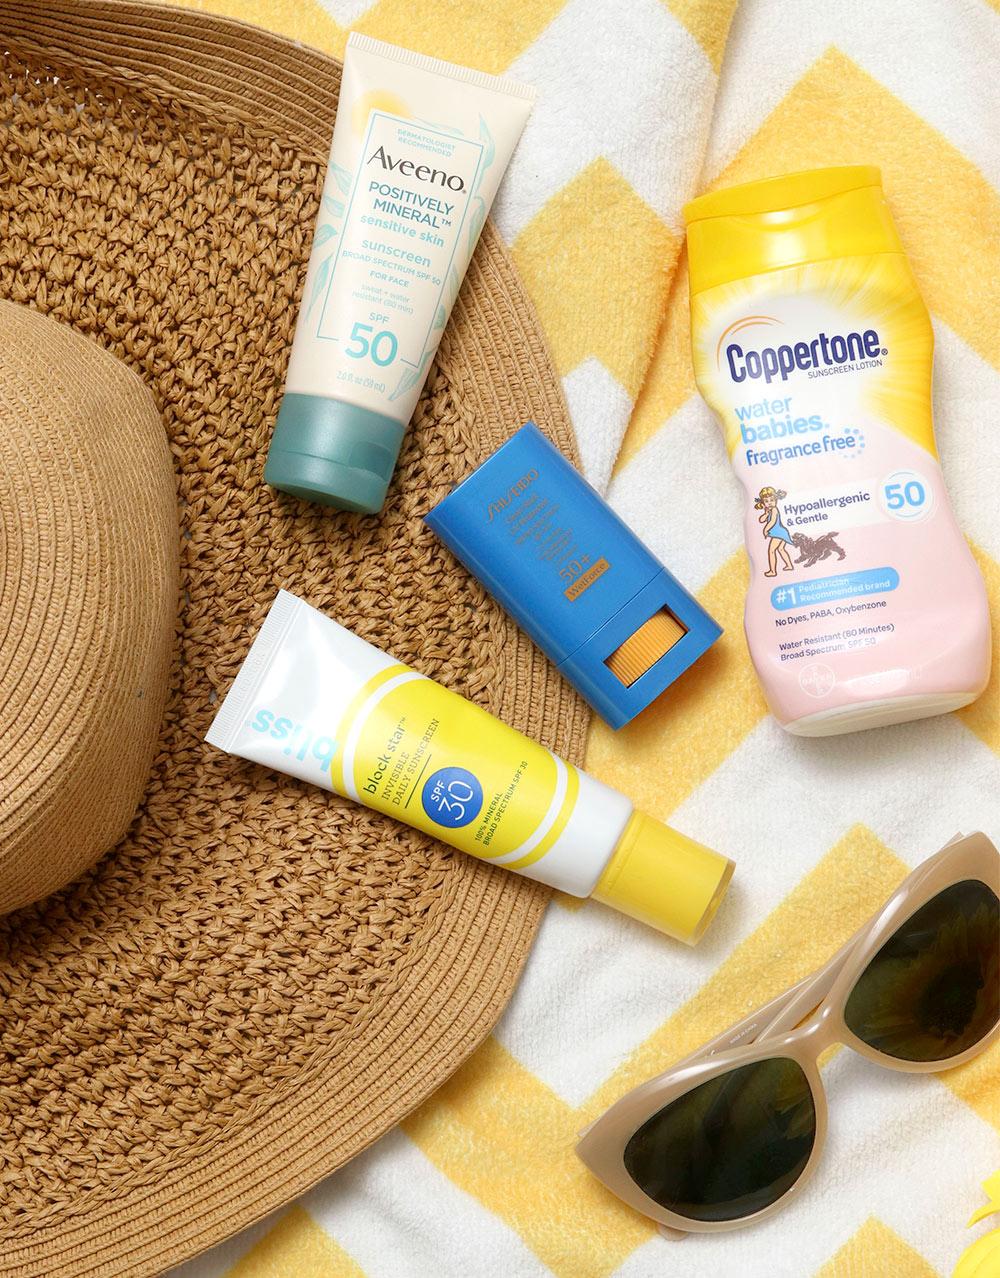 sunscreen roundup part 3